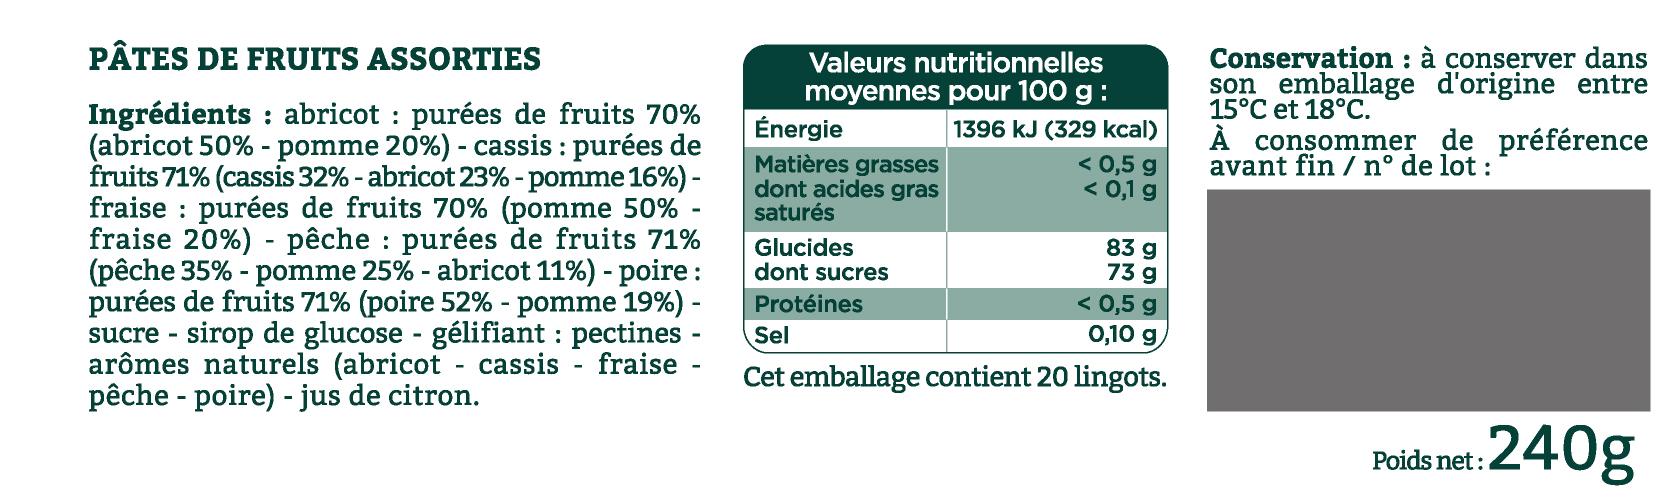 etiquette-pates-de-fruits-d-auvergne